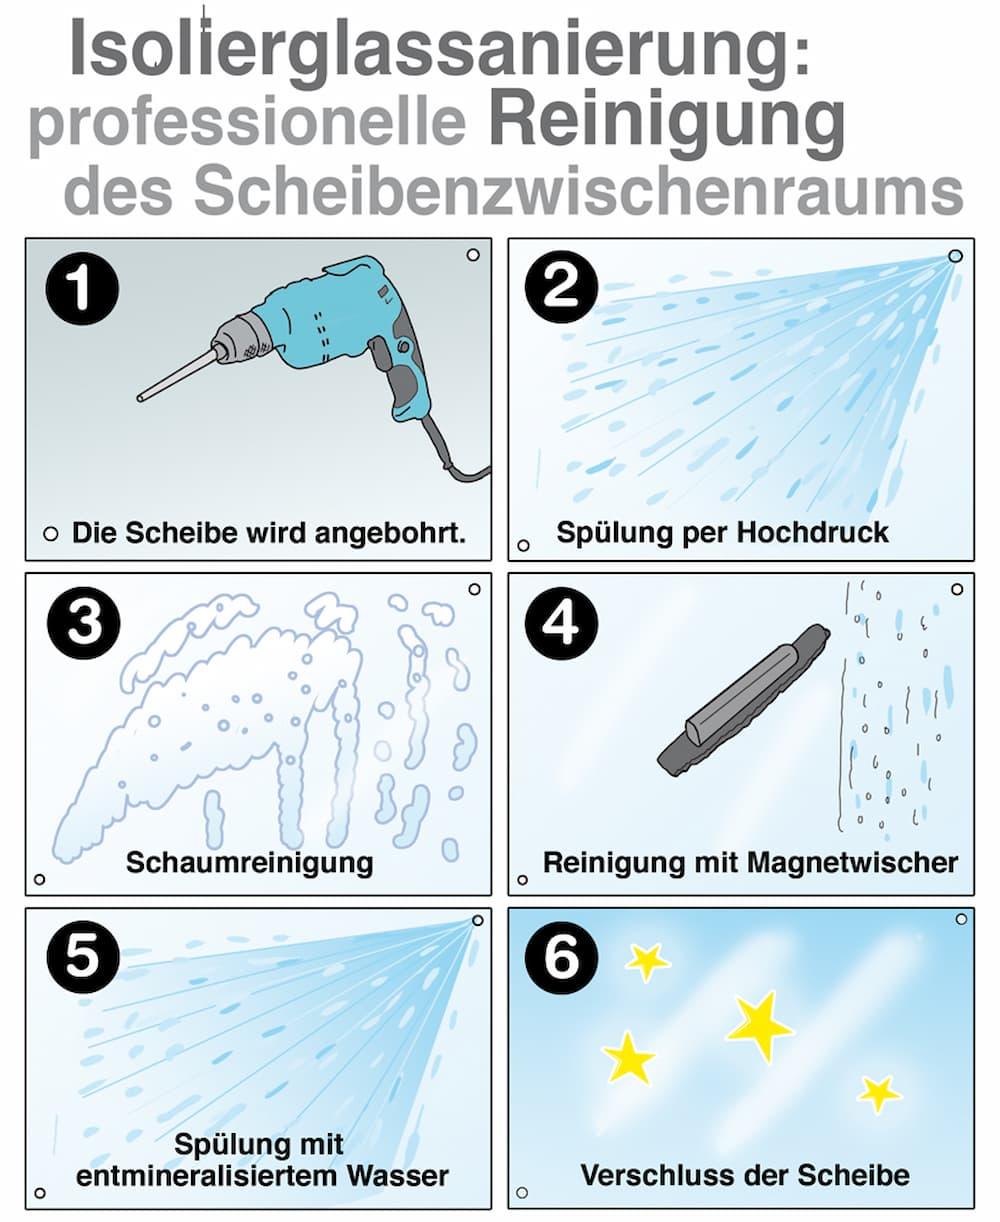 Isolierglassanierung: So funktioniert es